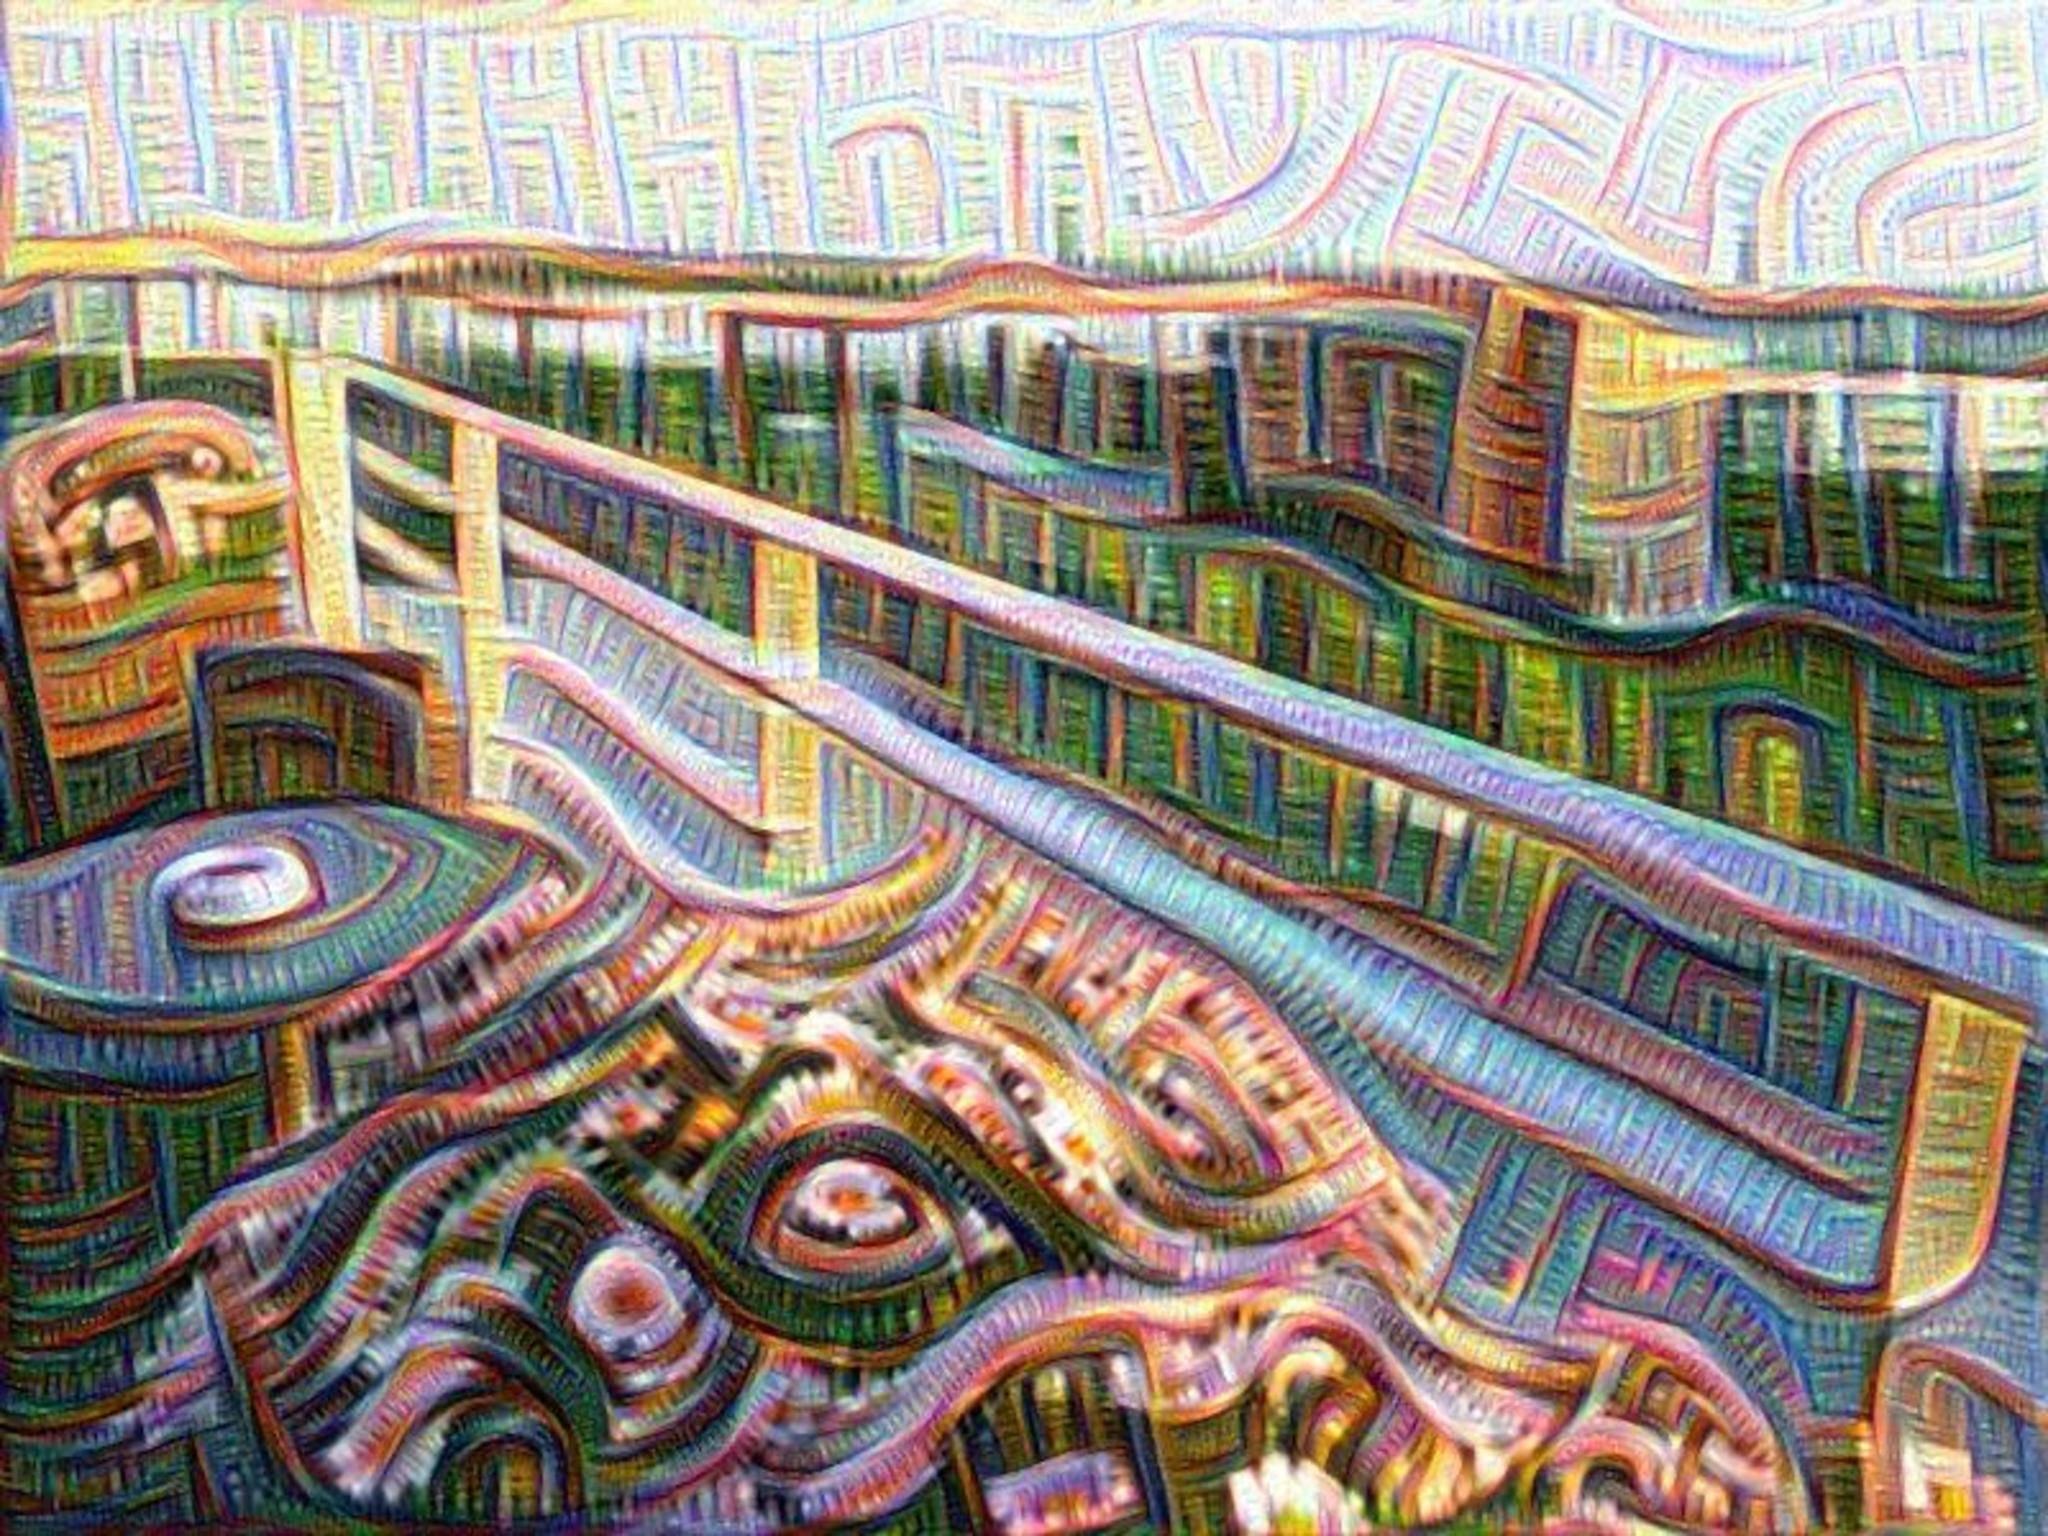 Ein Berlin-Panorama nach der Bearbeitung mit Dreamscope.